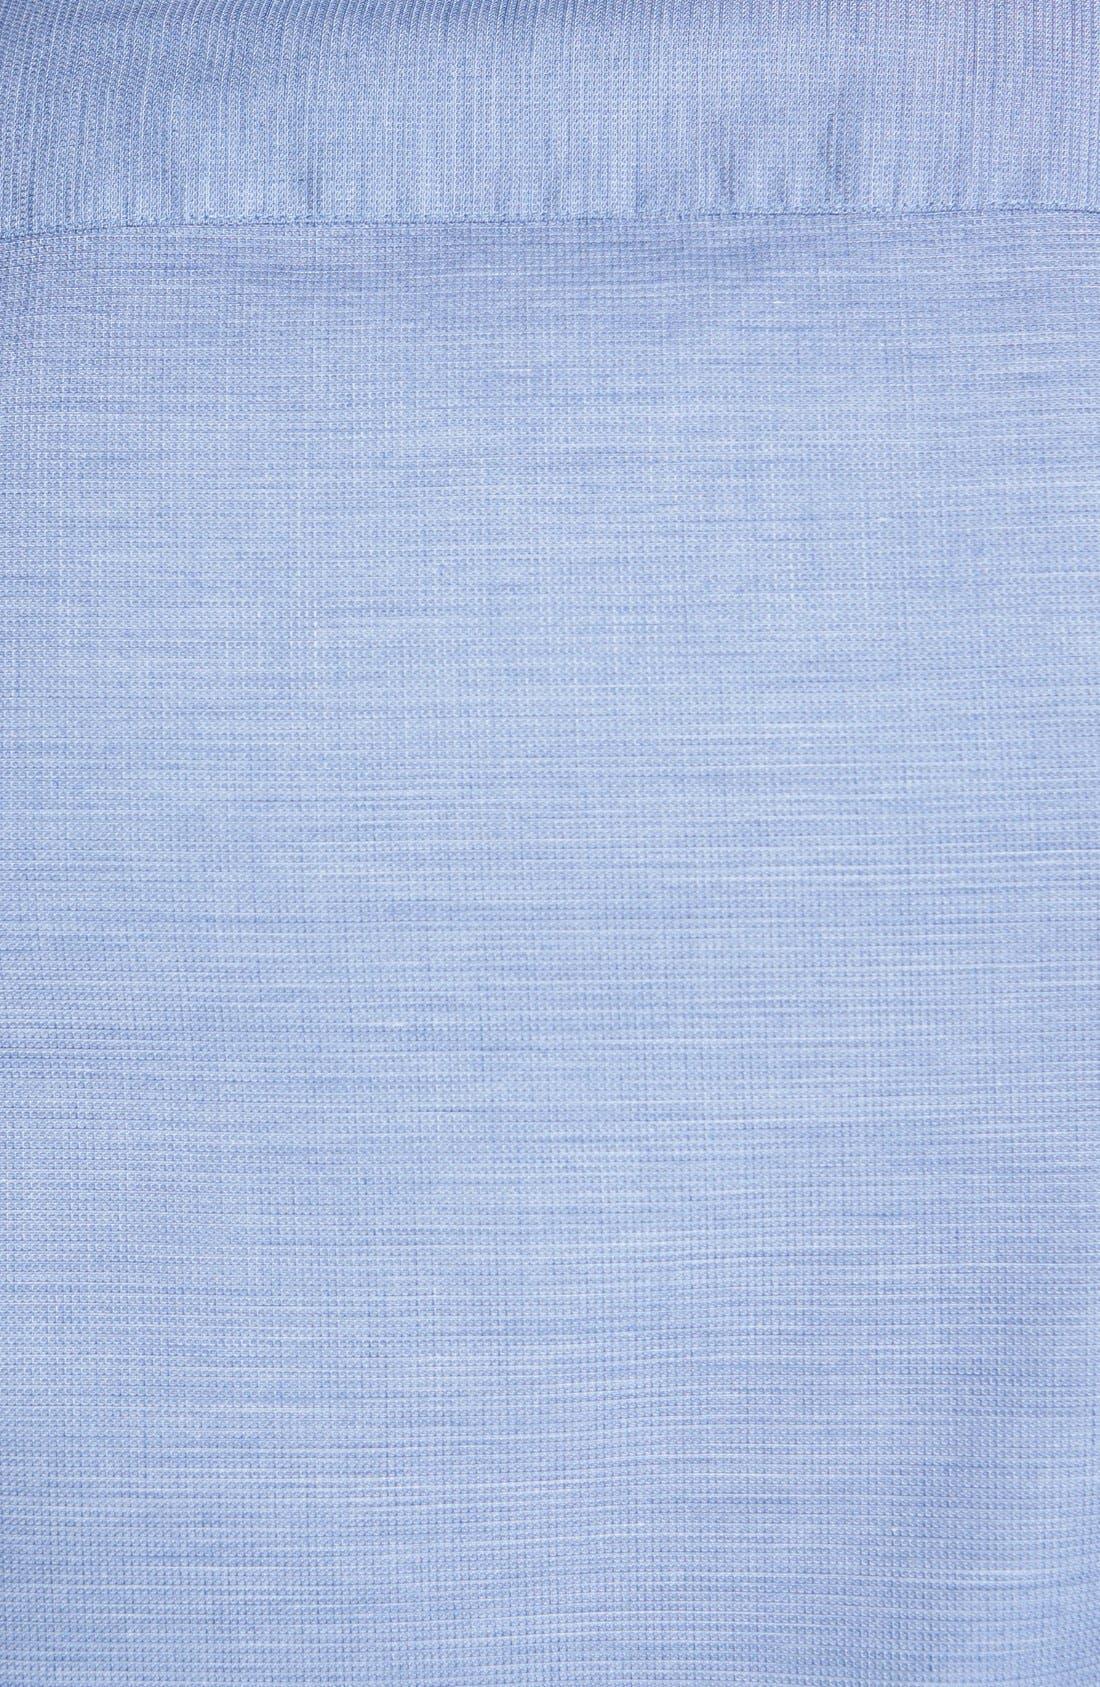 Alternate Image 3  - BOSS HUGO BOSS 'Marco' Slim Fit Short Sleeve Sport Shirt